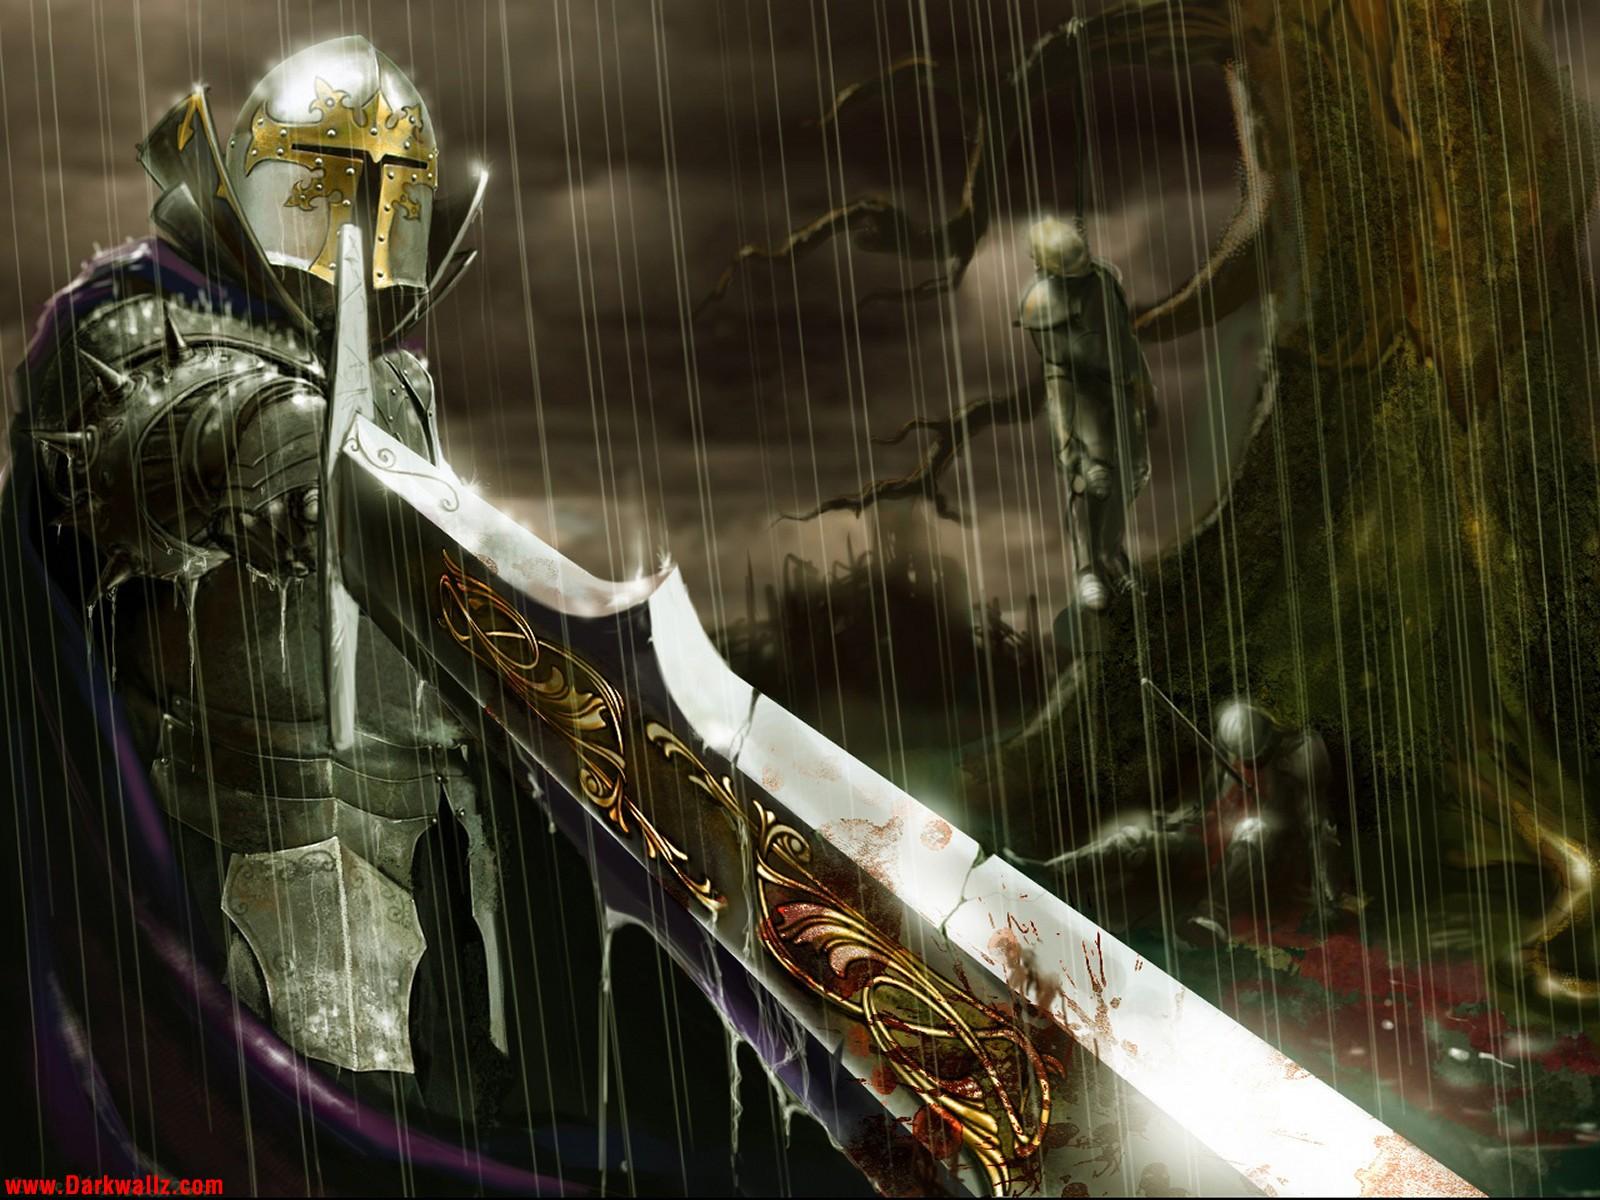 Warrior Wallpapers 17 | Dark Wallpaper Download